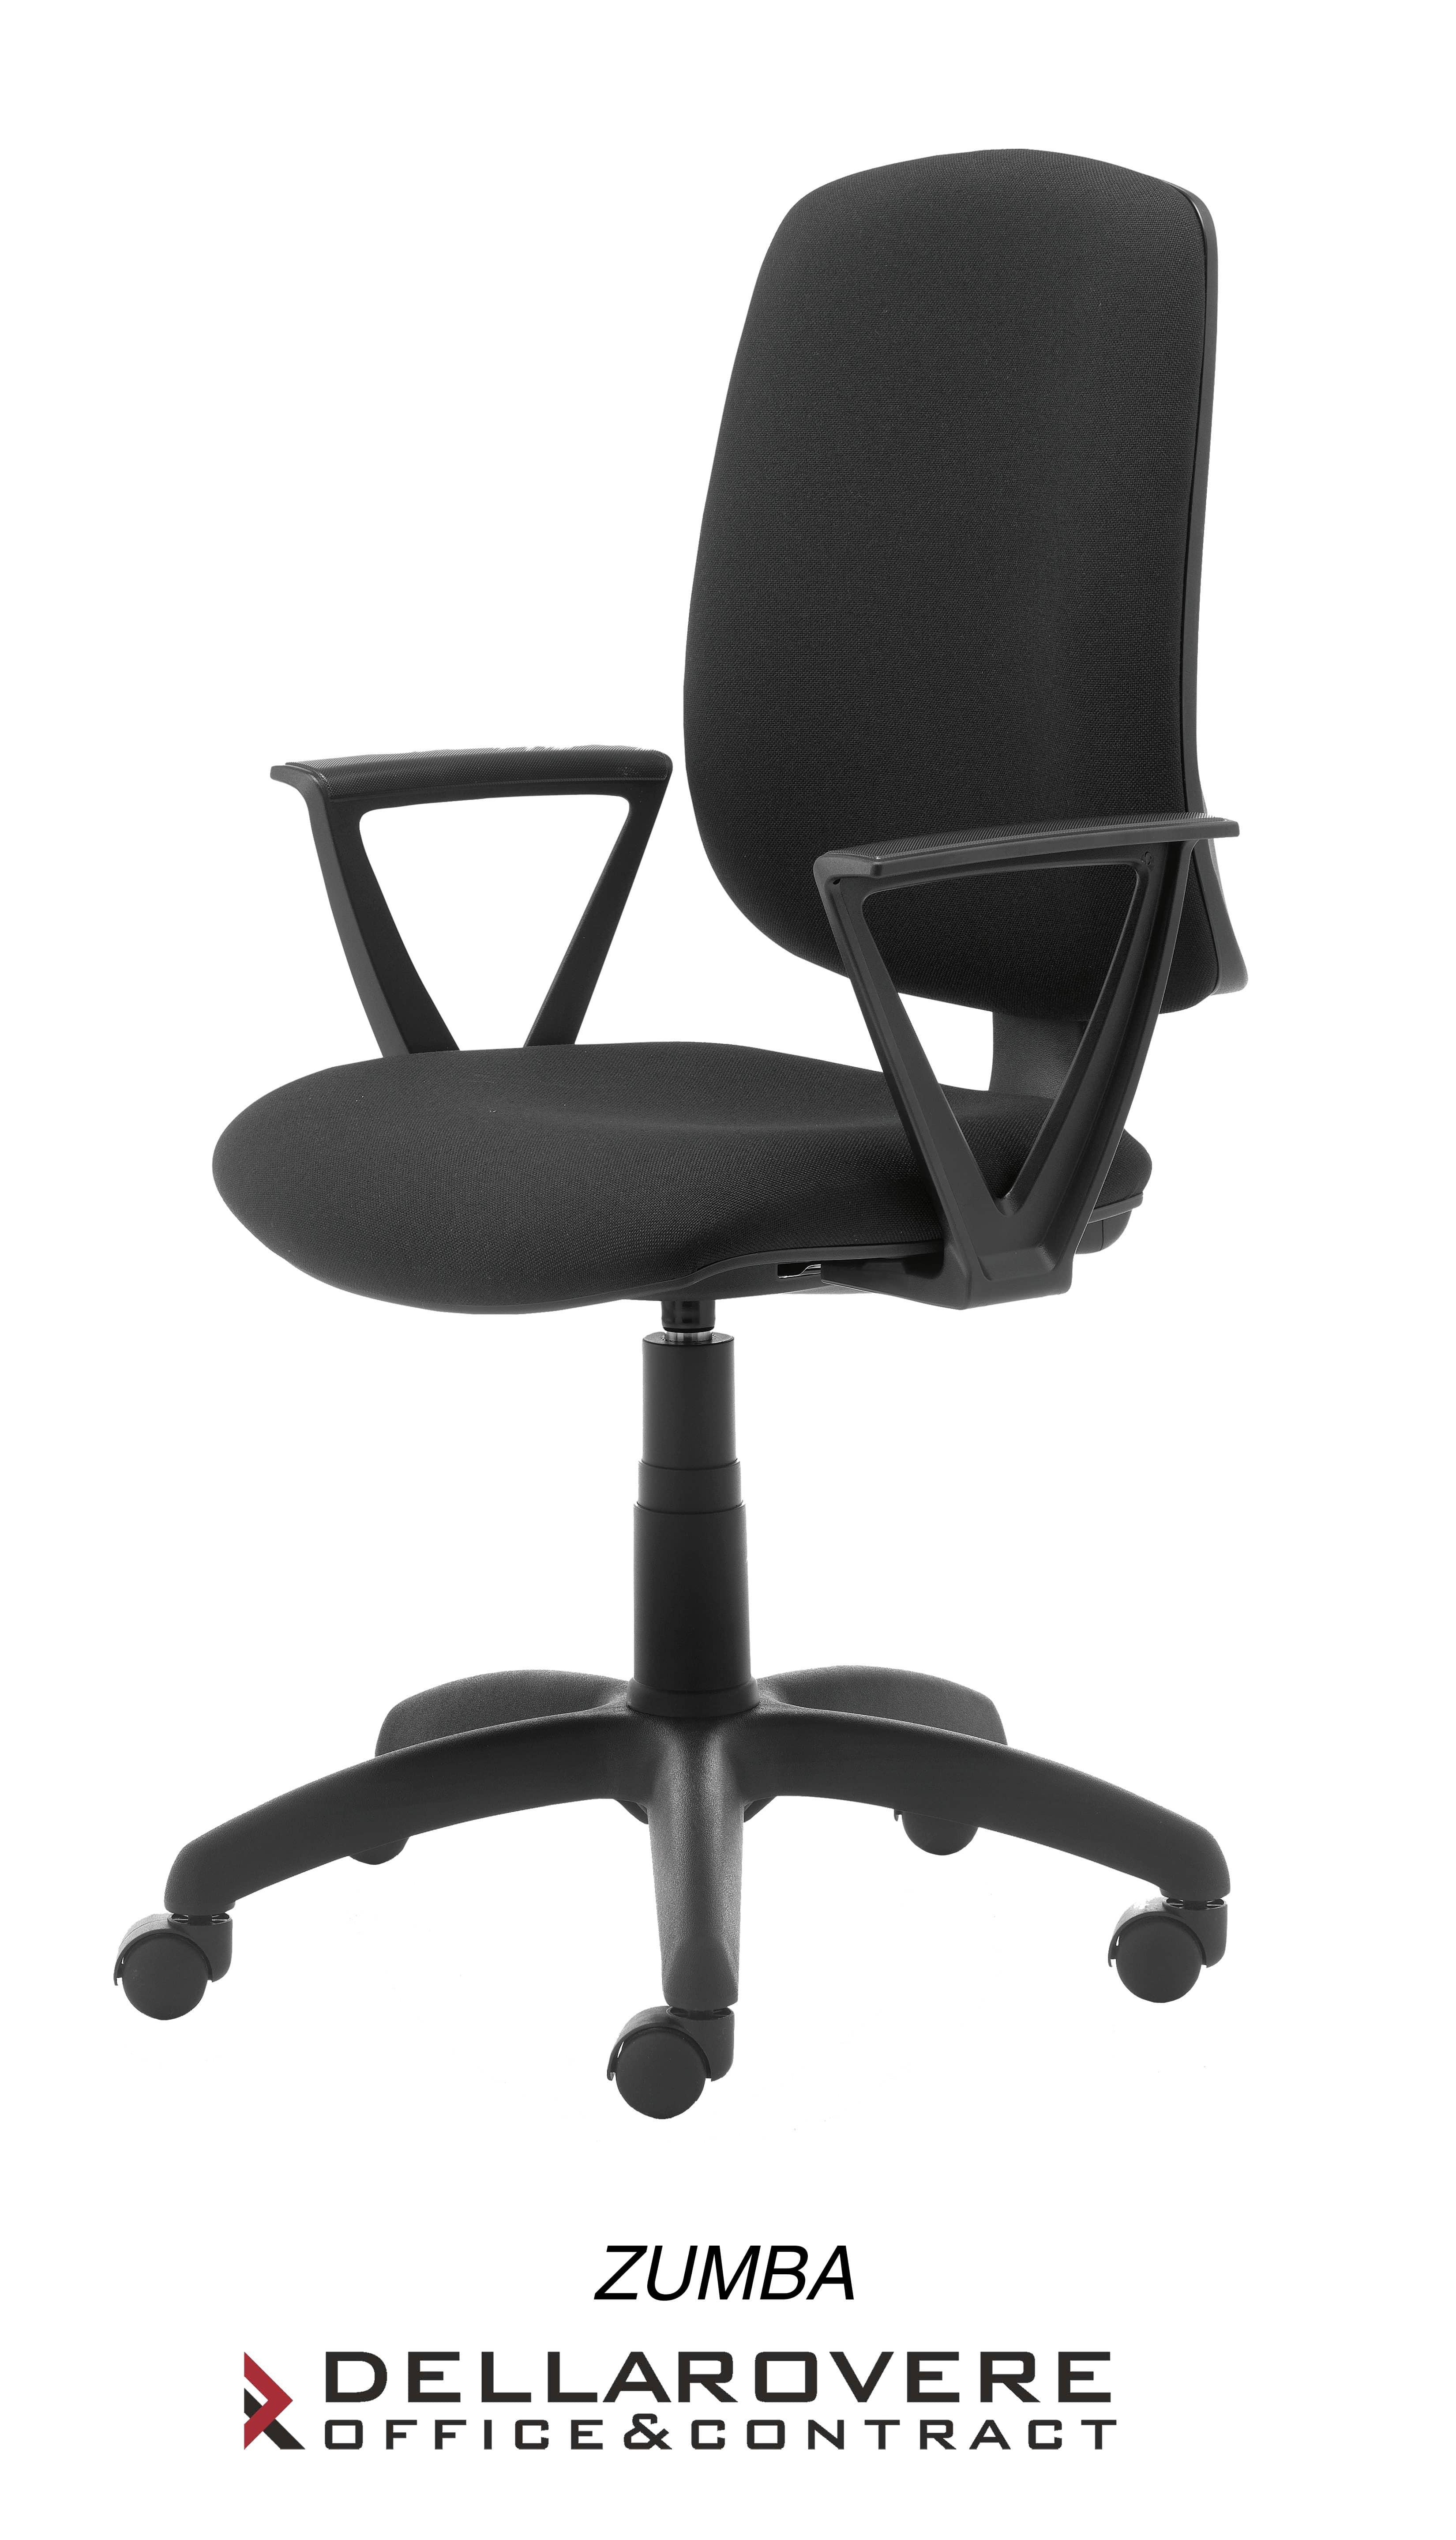 sedie per l 39 ufficio sedie operative della rovere